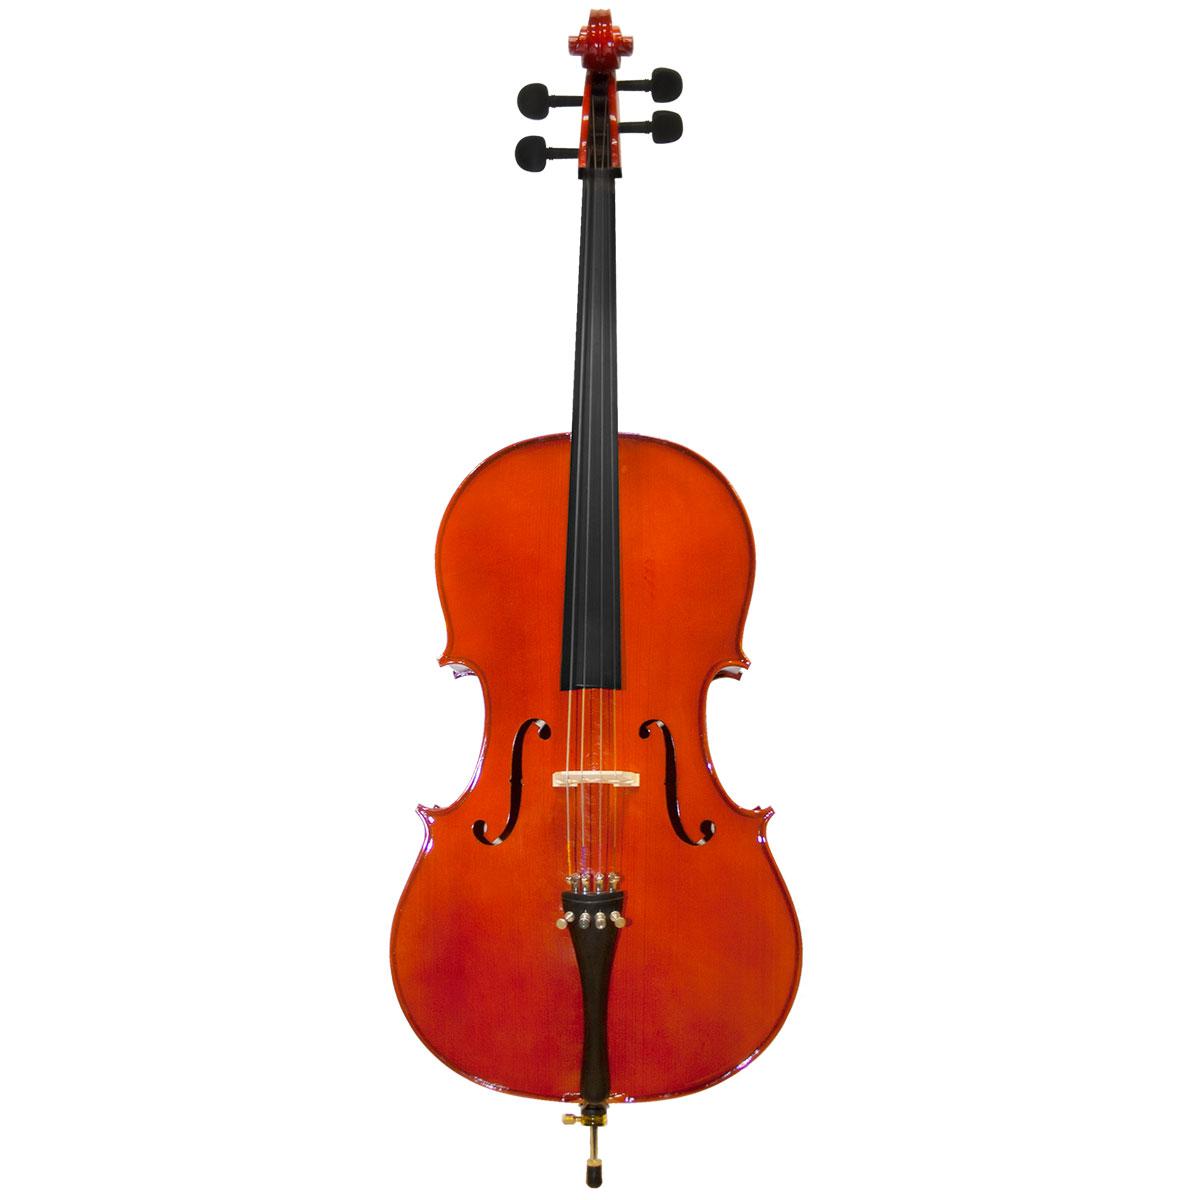 Violoncelo Tradicional 3 / 4 VOM30 3 / 4 Verniz Translúcido Avermelhado - Michael